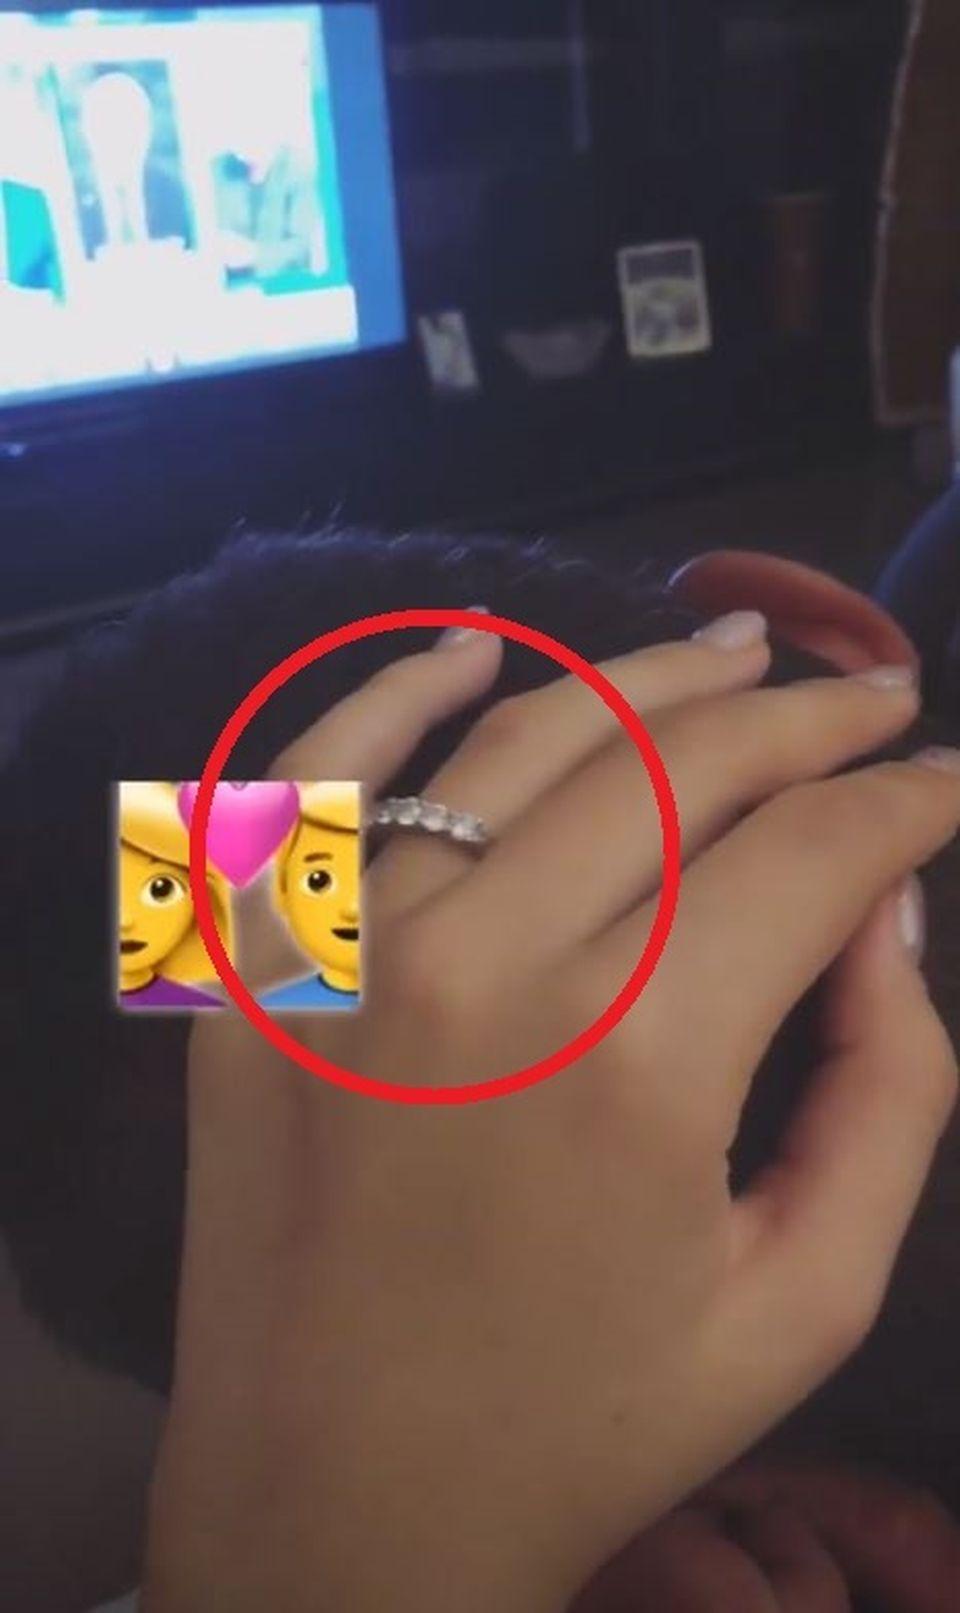 E clar, urmează NUNTA! Avem DOVADA! Laura Dincă şi-a prezentat inelul de logodnă pe care l-a primit de la Boureanu